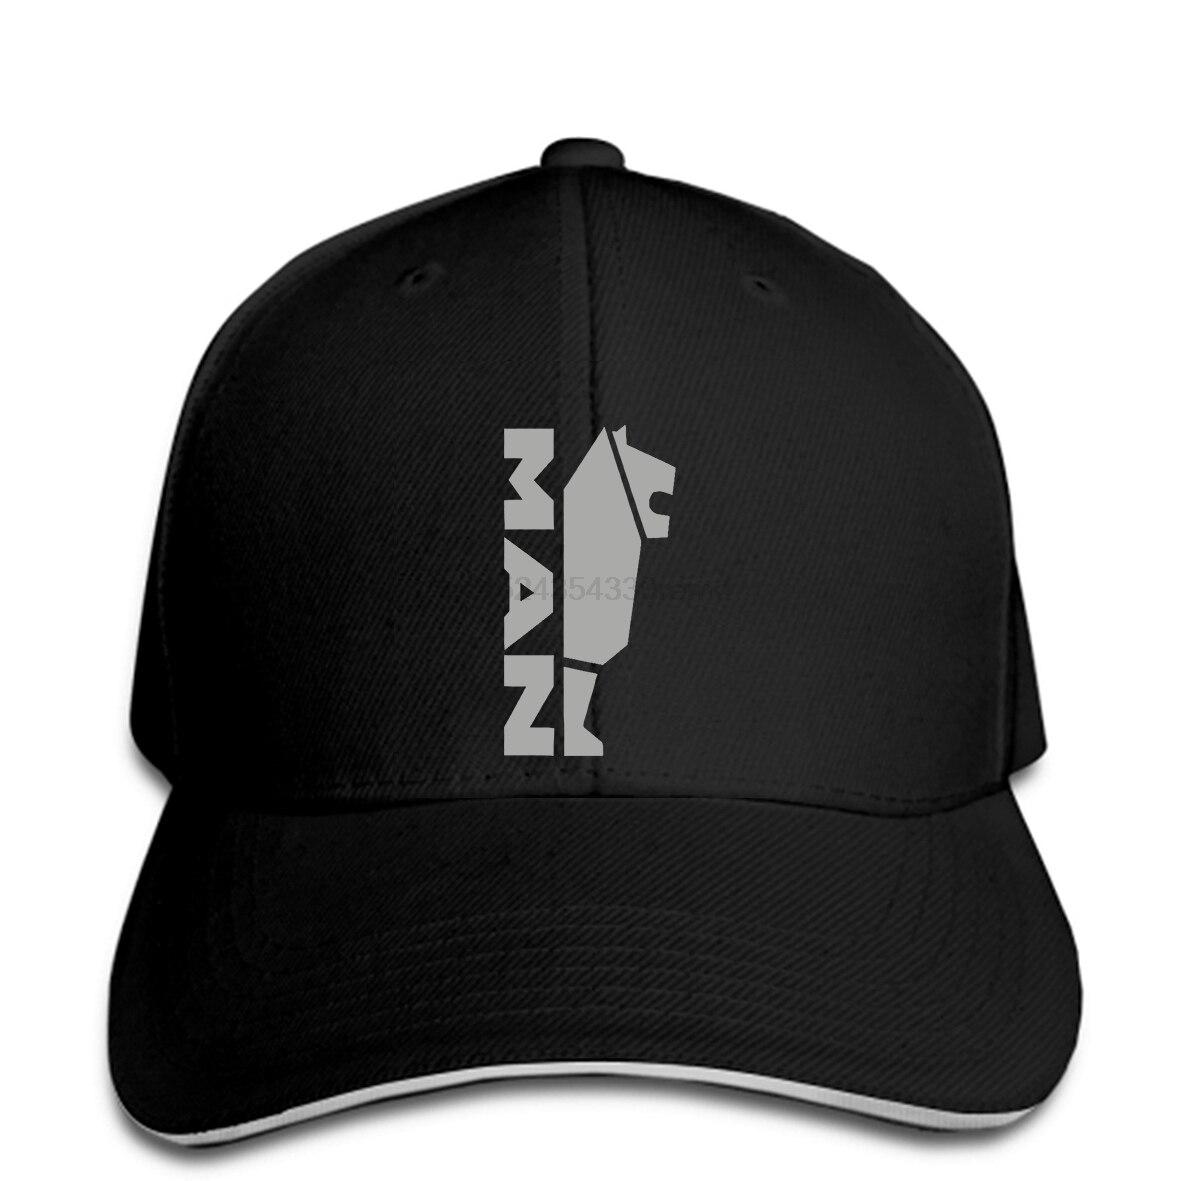 Gorra de béisbol para hombre, camiones, León, UNISEX, camionero, camionero, regalo hgv, haulage, Snapback, sombrero